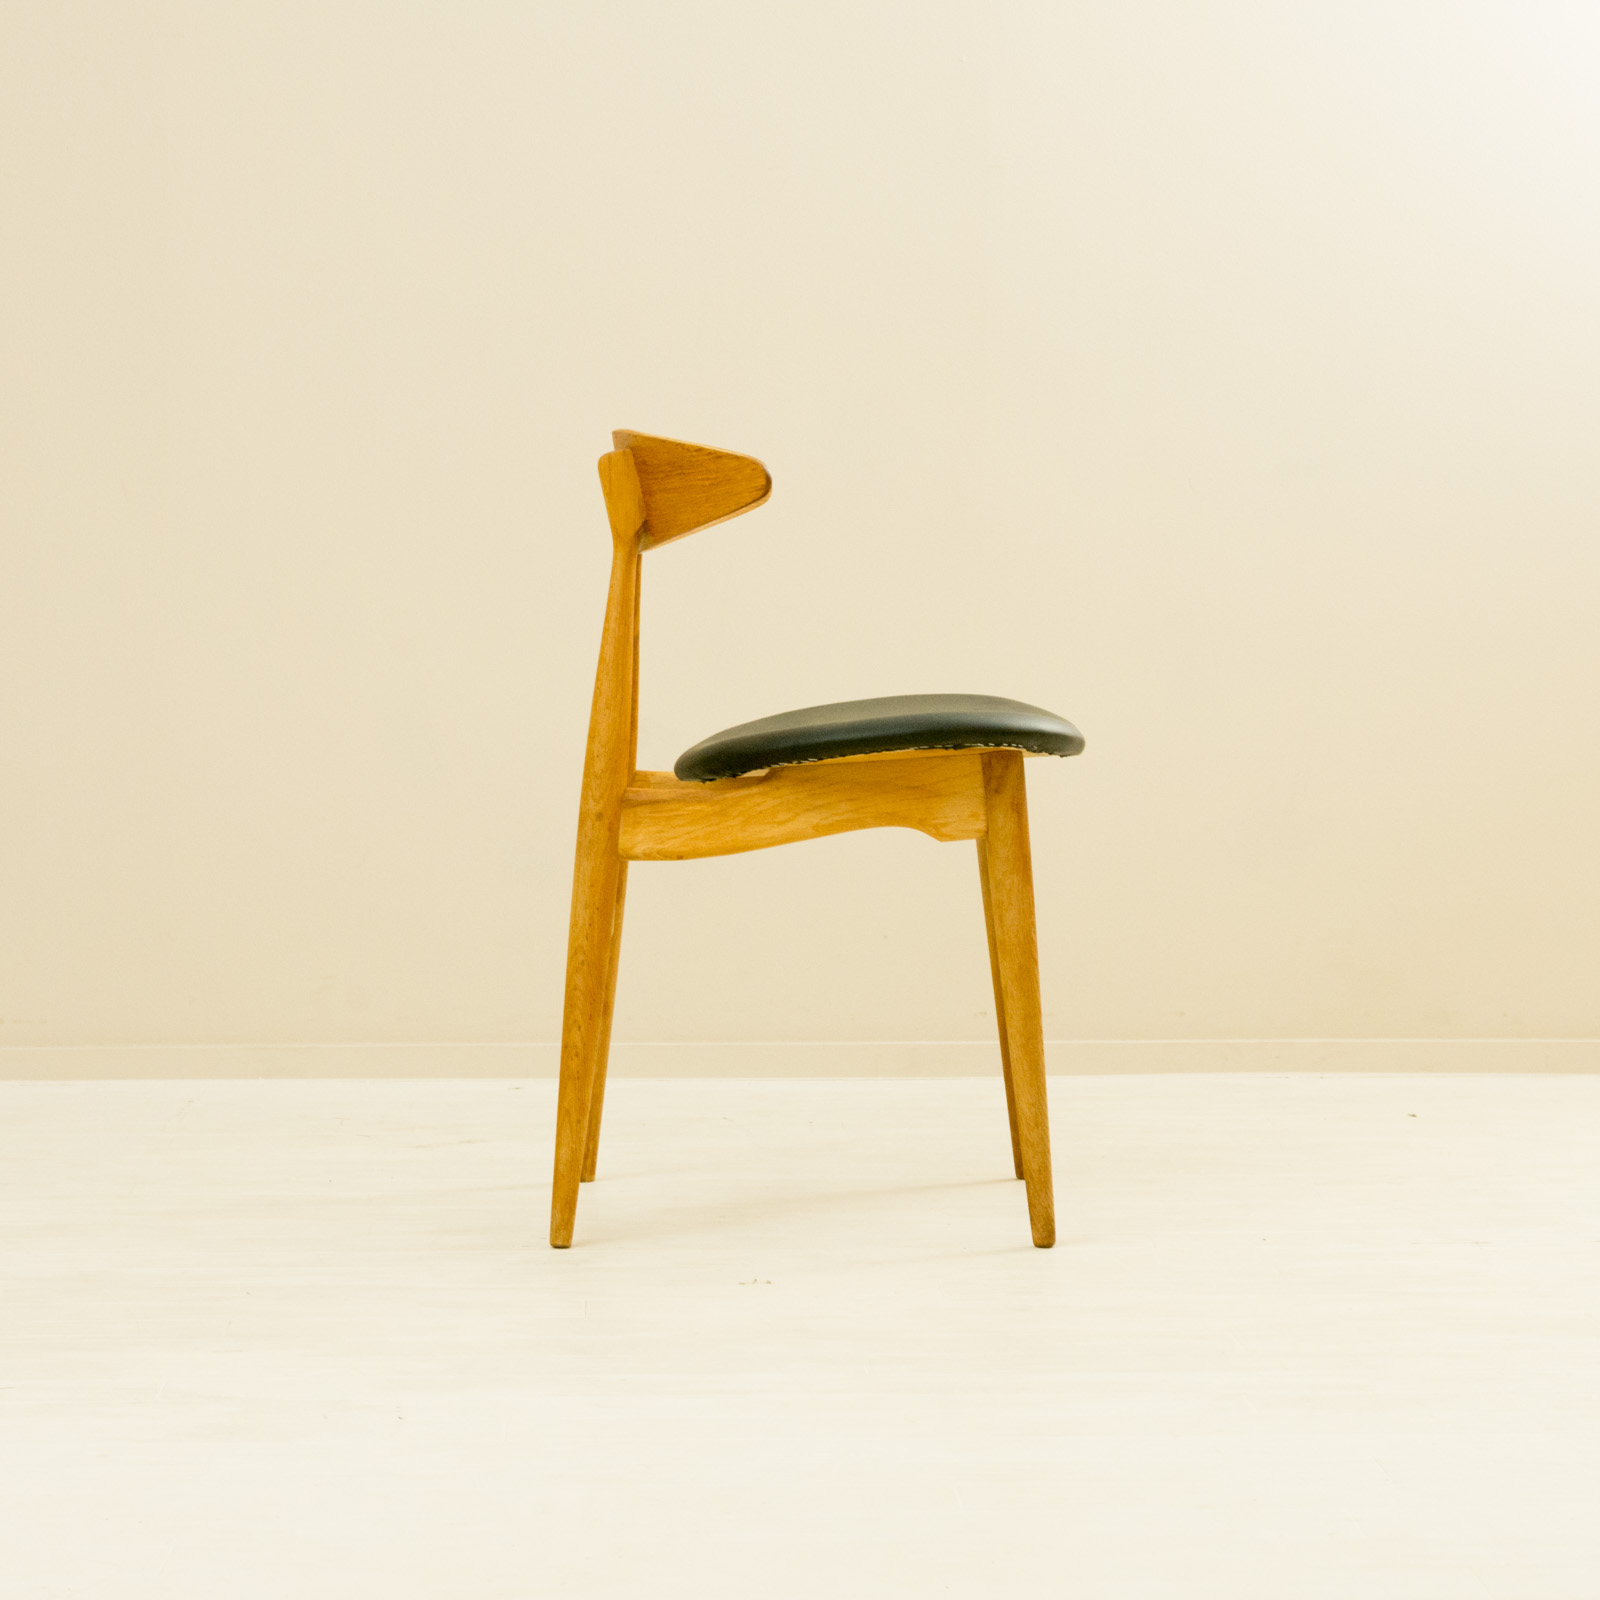 【4脚セット】CH33 Dining Chair by Hans Wegner